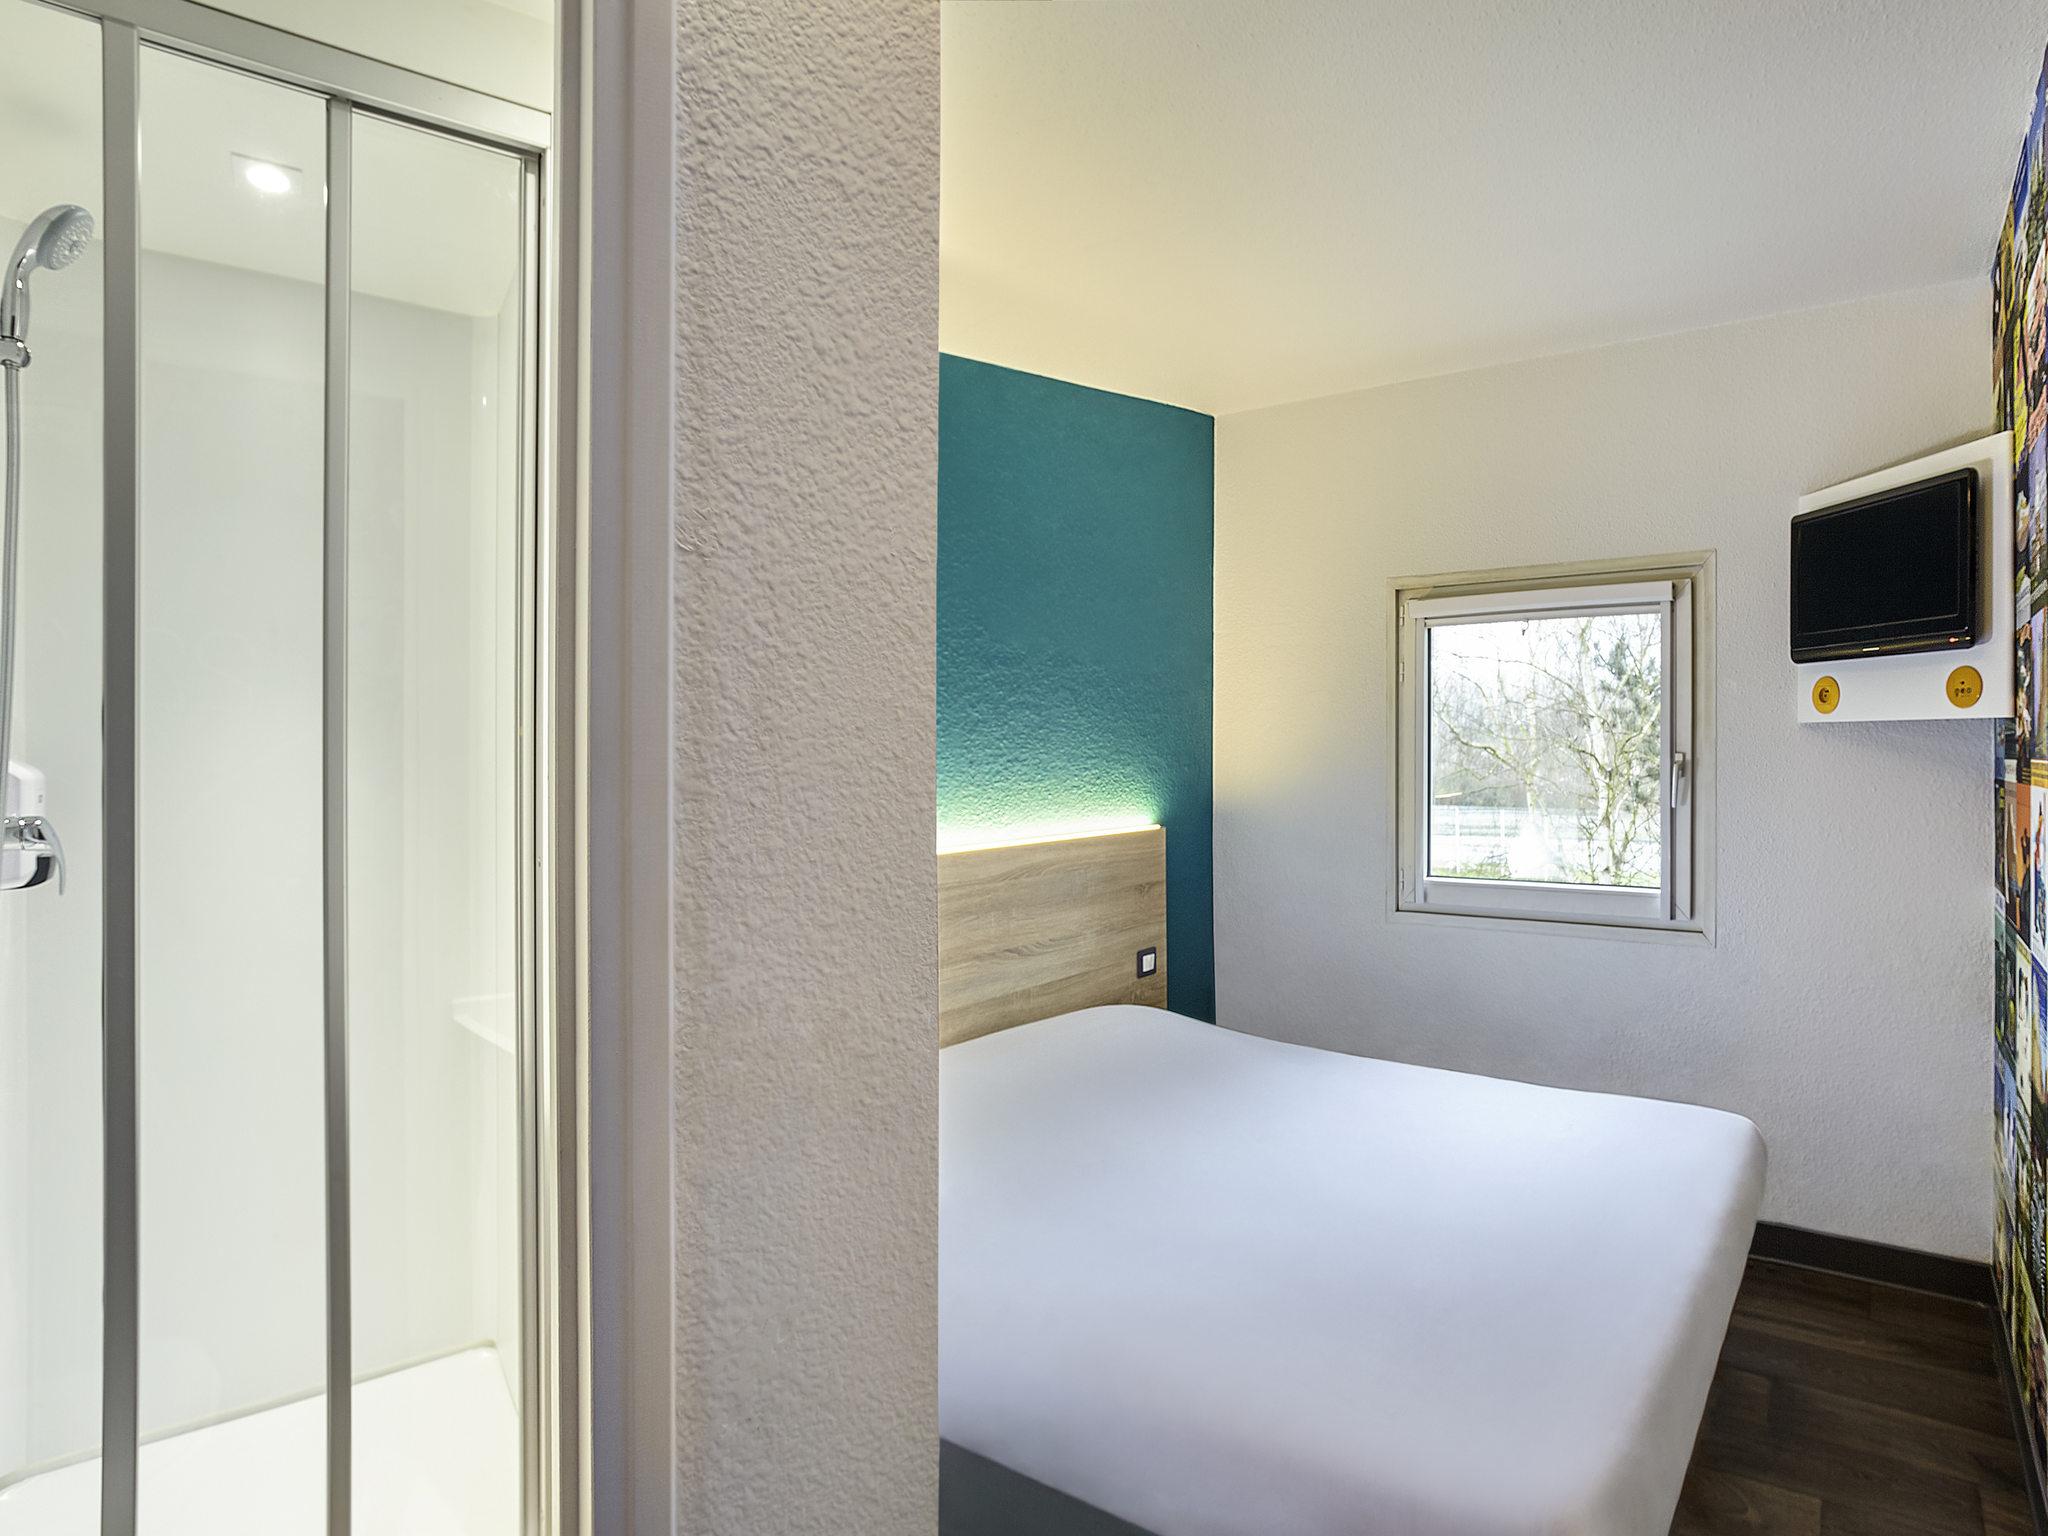 Otel – hotelF1 Béziers Est (rénové)